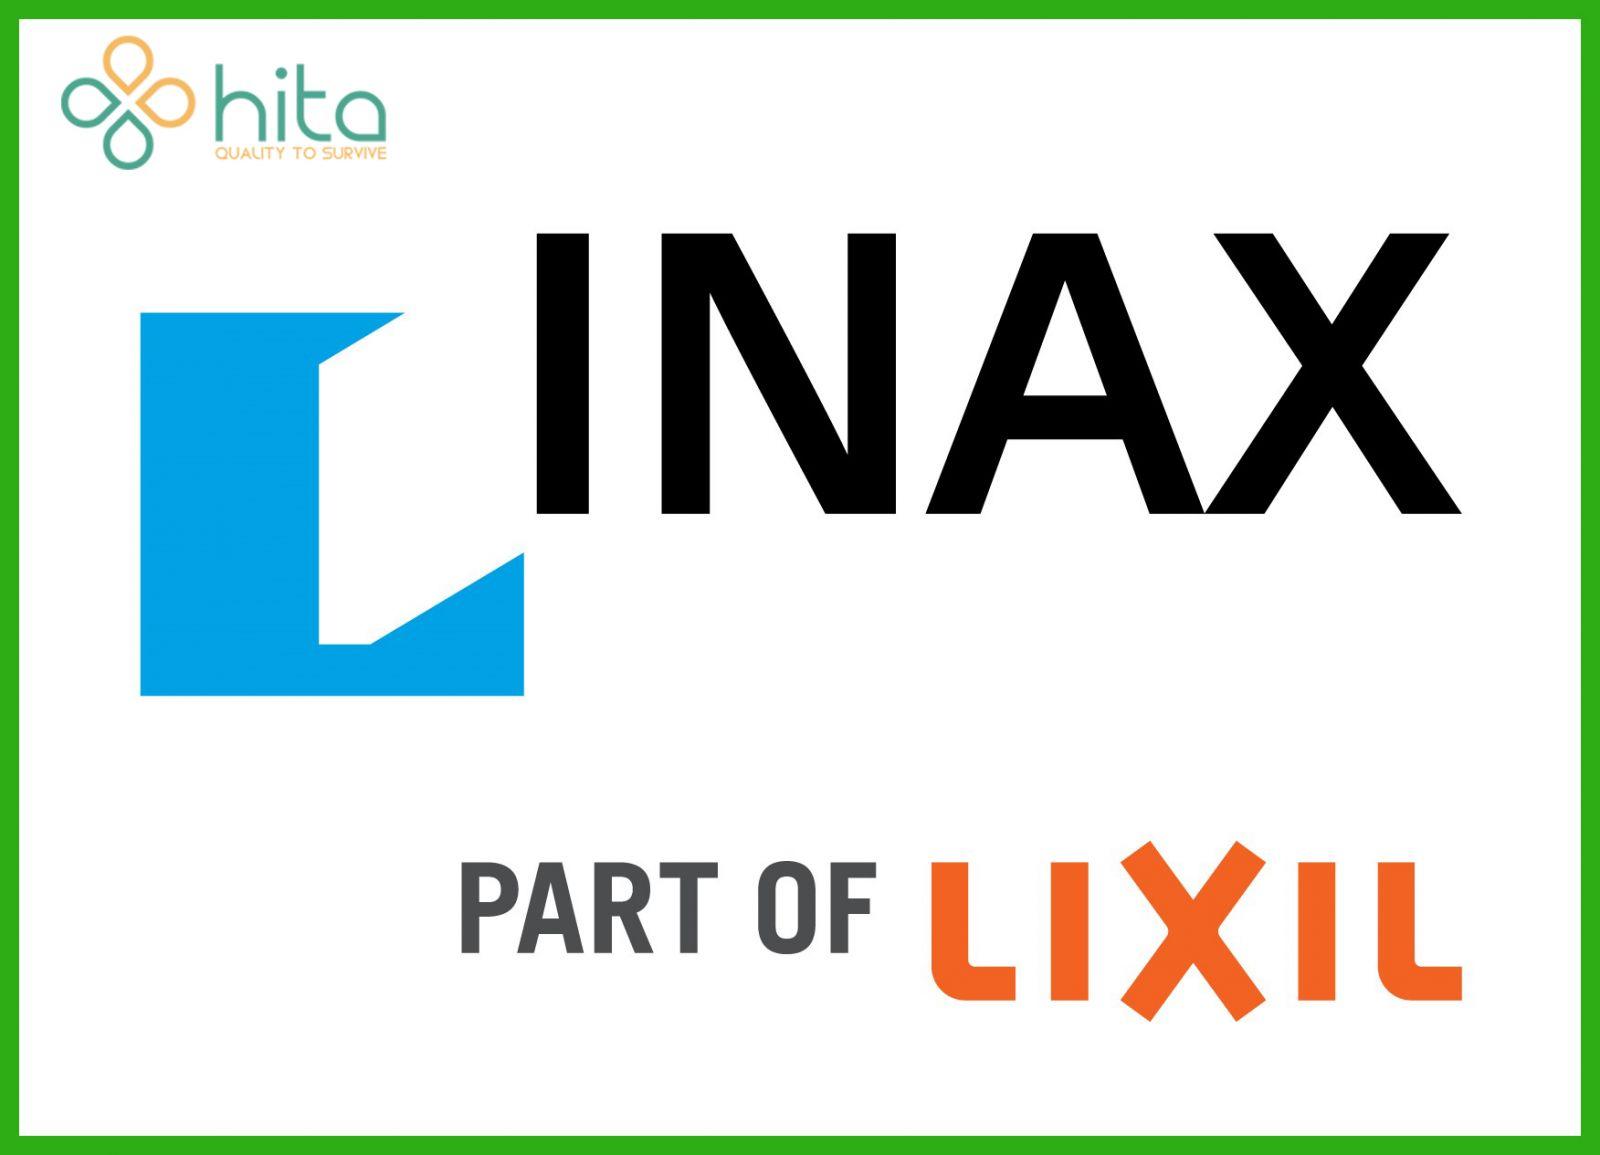 các hãng thiết bị vệ sinh inax logo